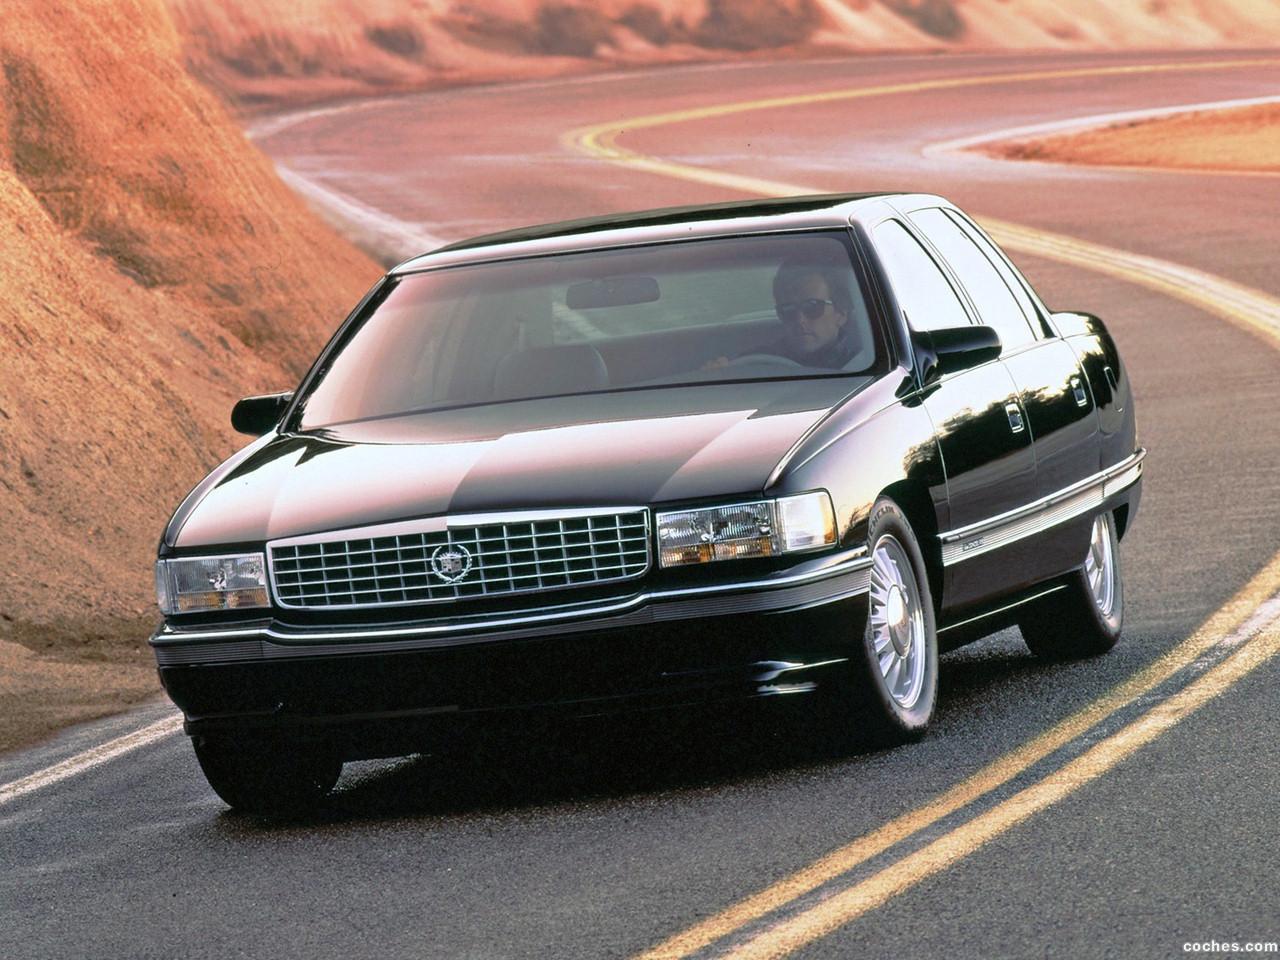 Foto 0 de Cadillac DeVille Concours 1994